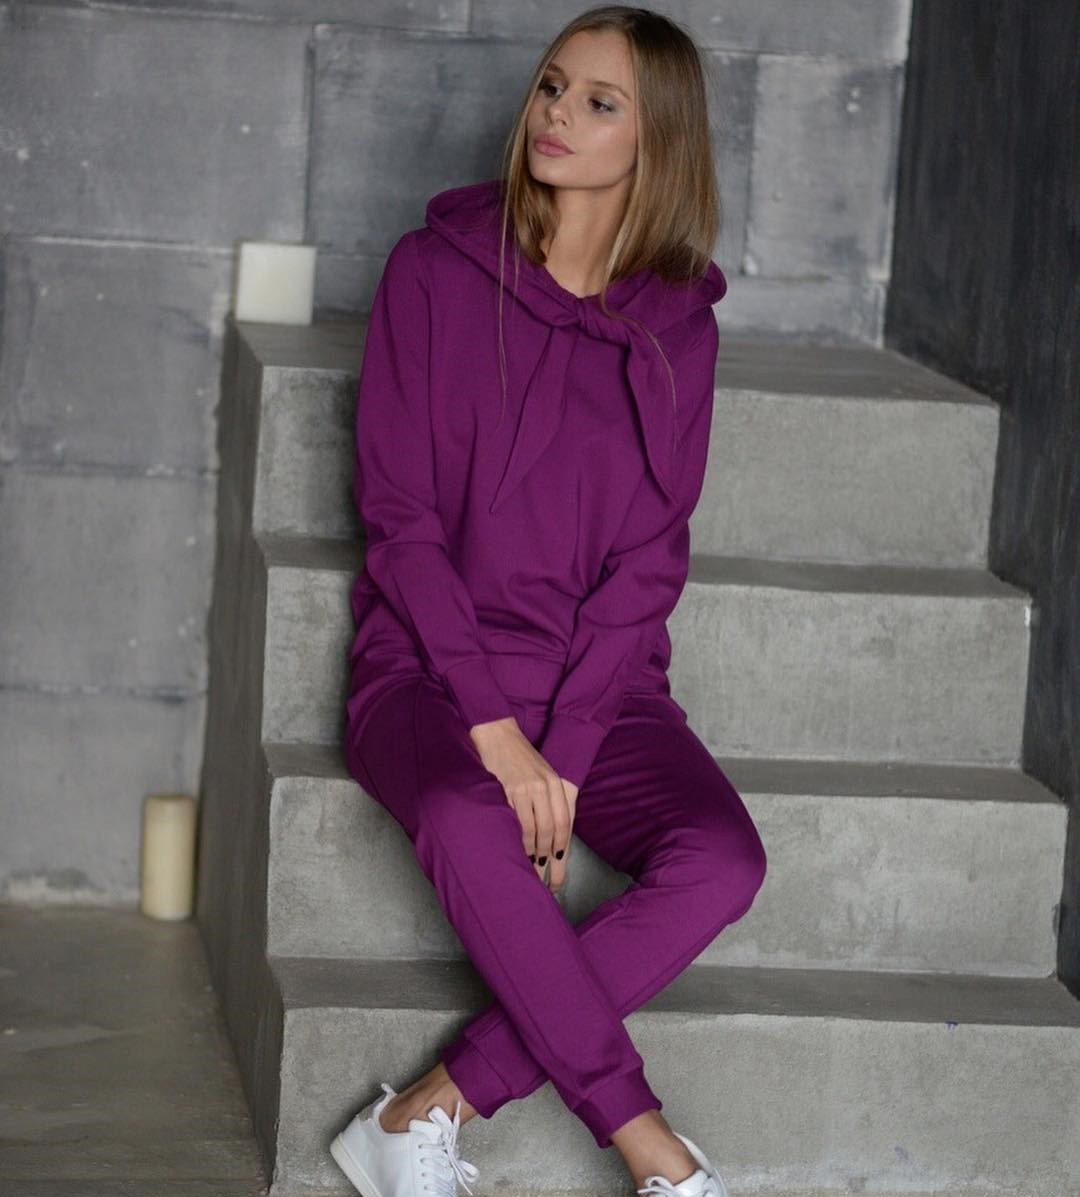 f12509534ada Модный женский костюм с капюшоном на завязках, цвета фуксии - Интернет-магазин  одежды и